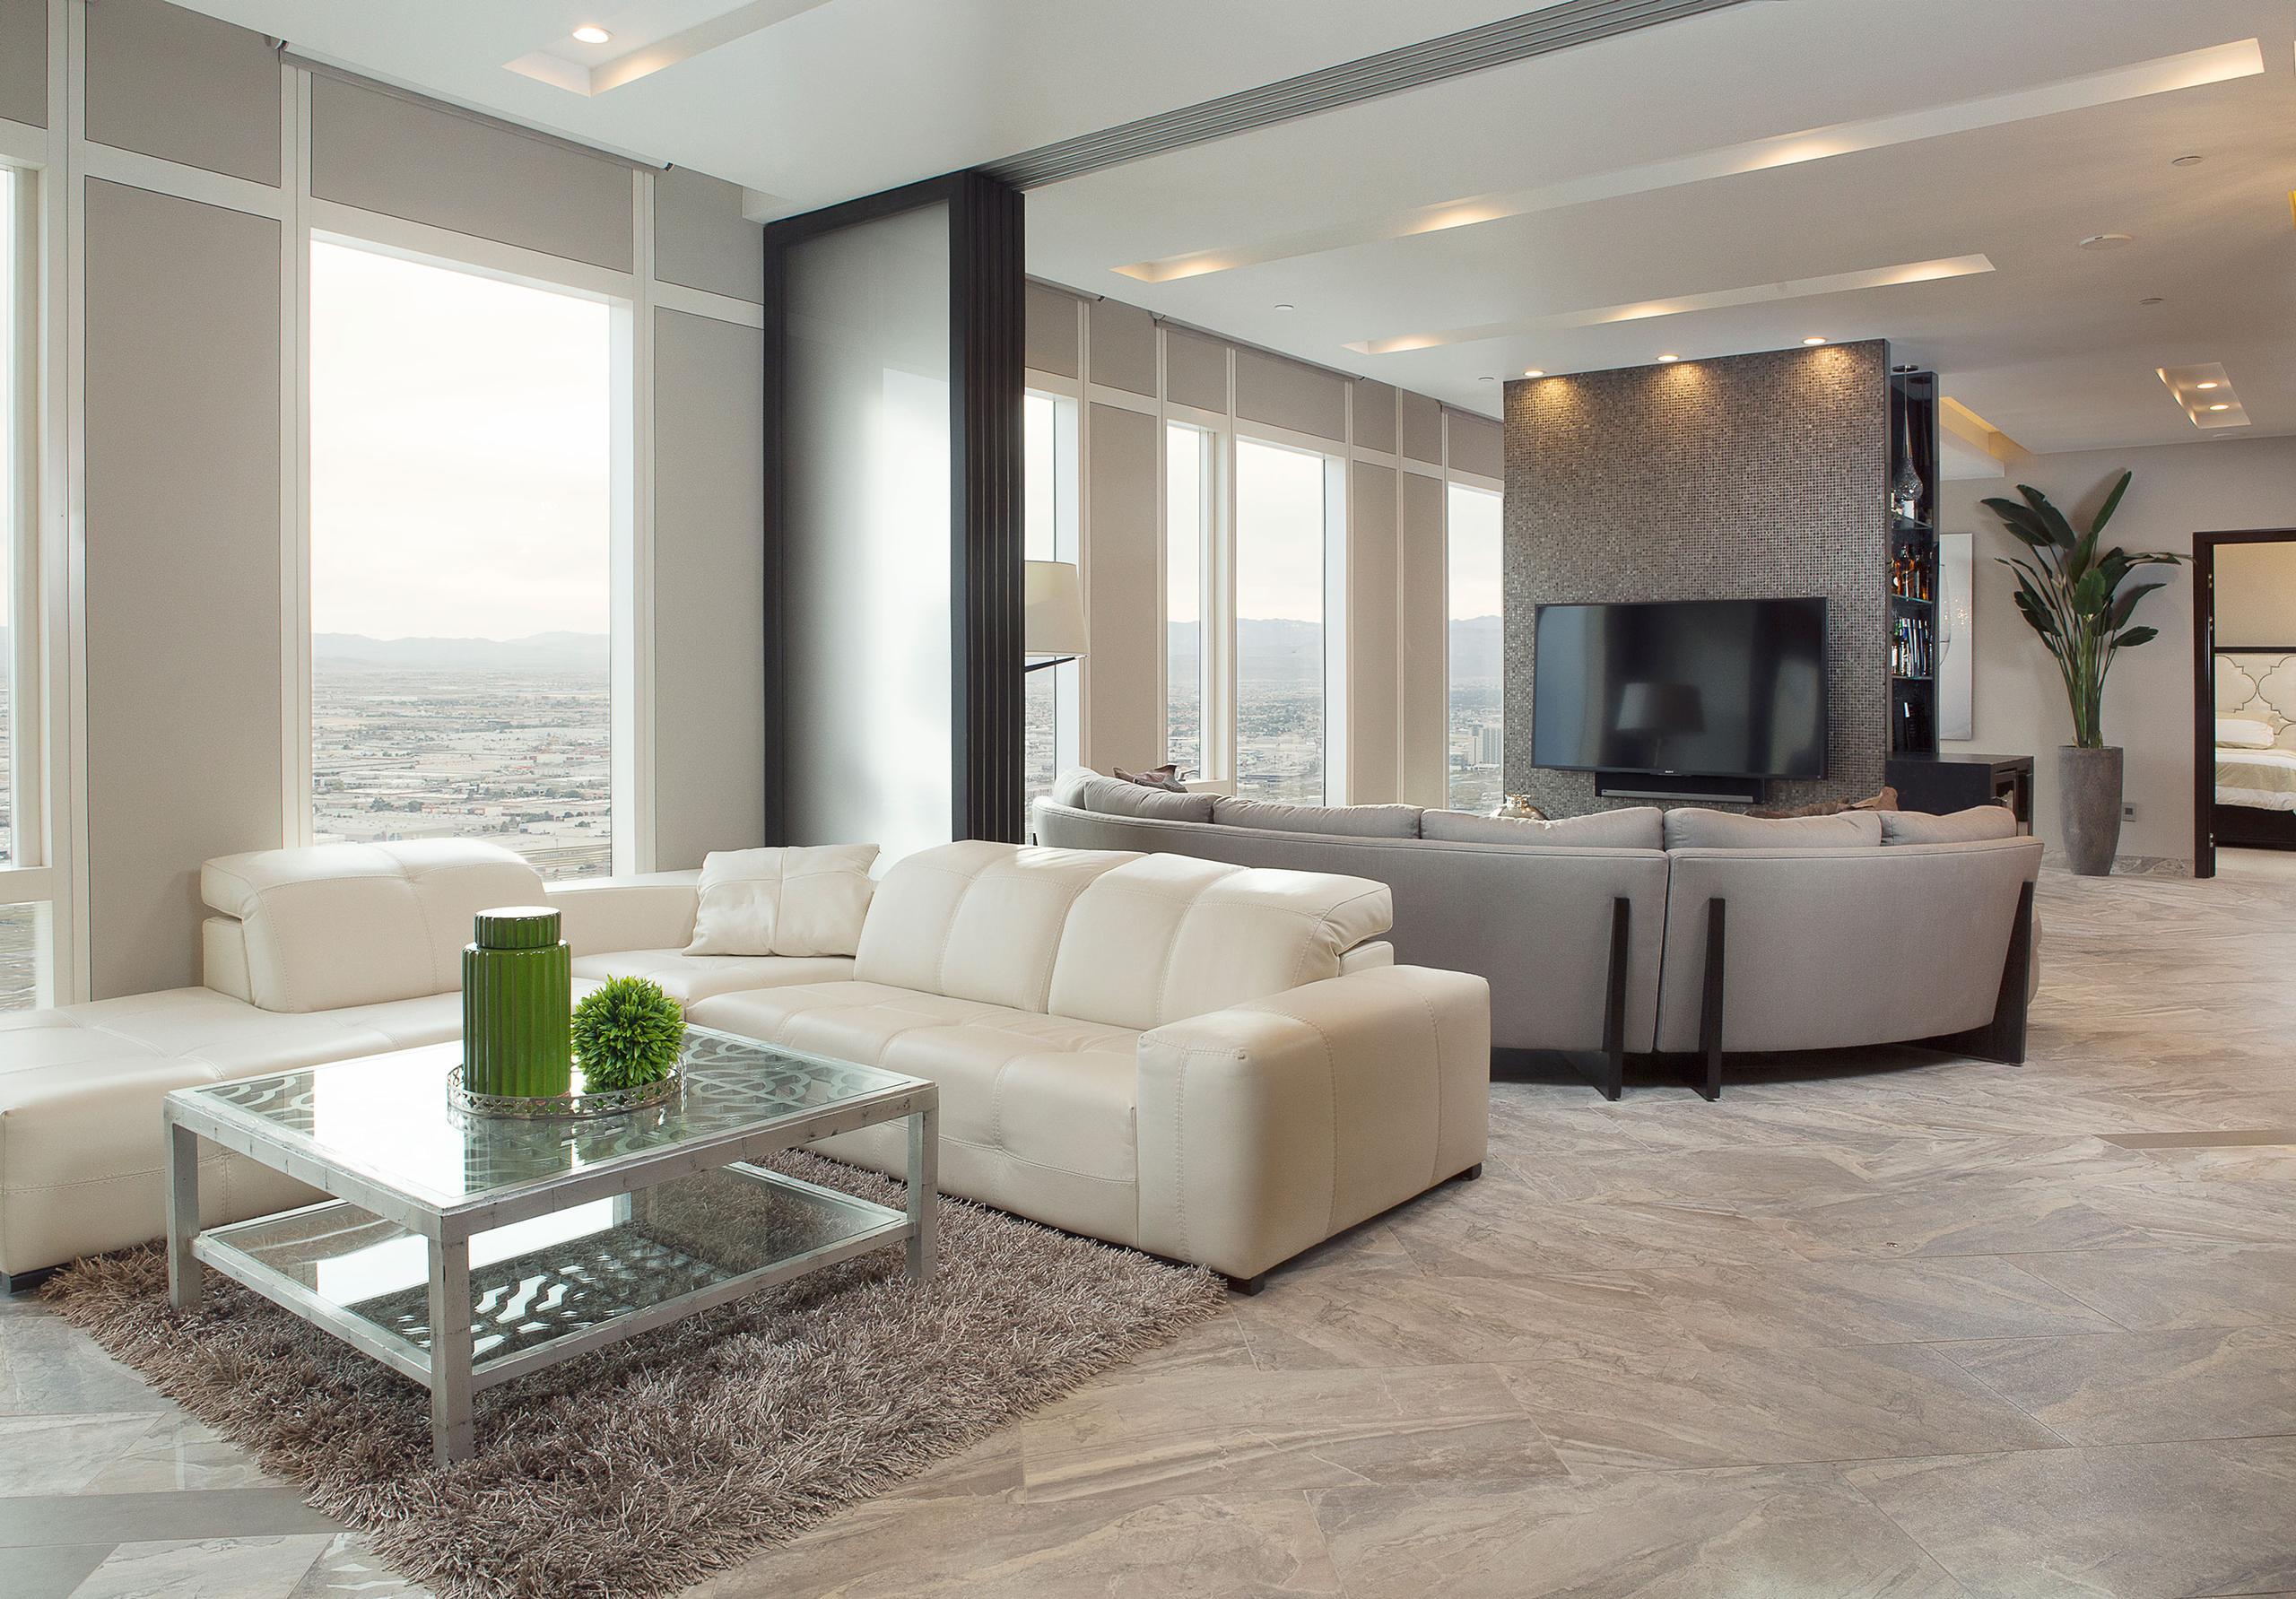 Las Vegas Real Estate Lifestyle Photo 01